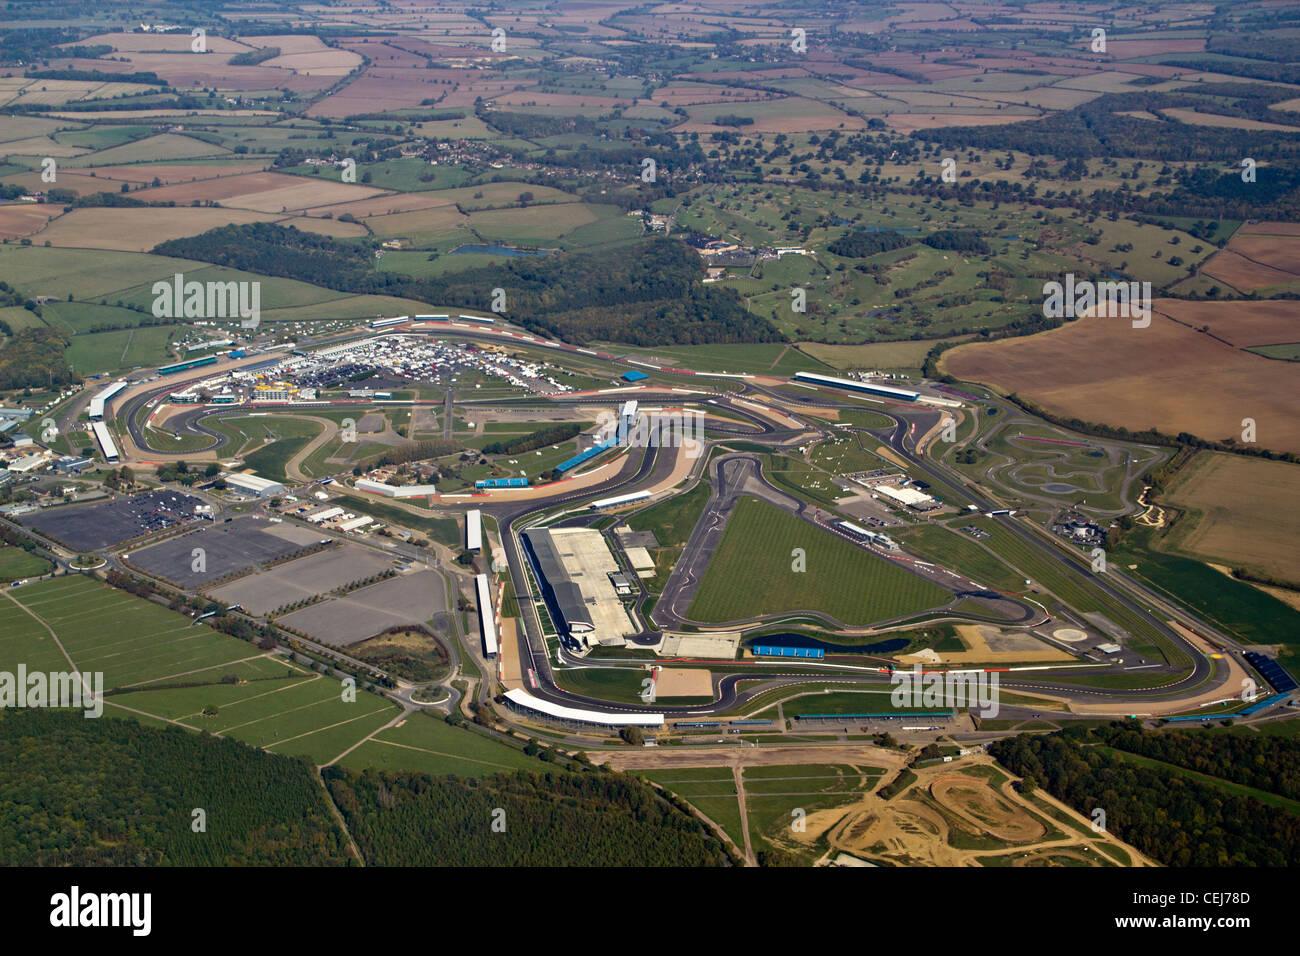 Circuito De Silverstone : Circuito de carreras de silverstone desde el aire foto & imagen de